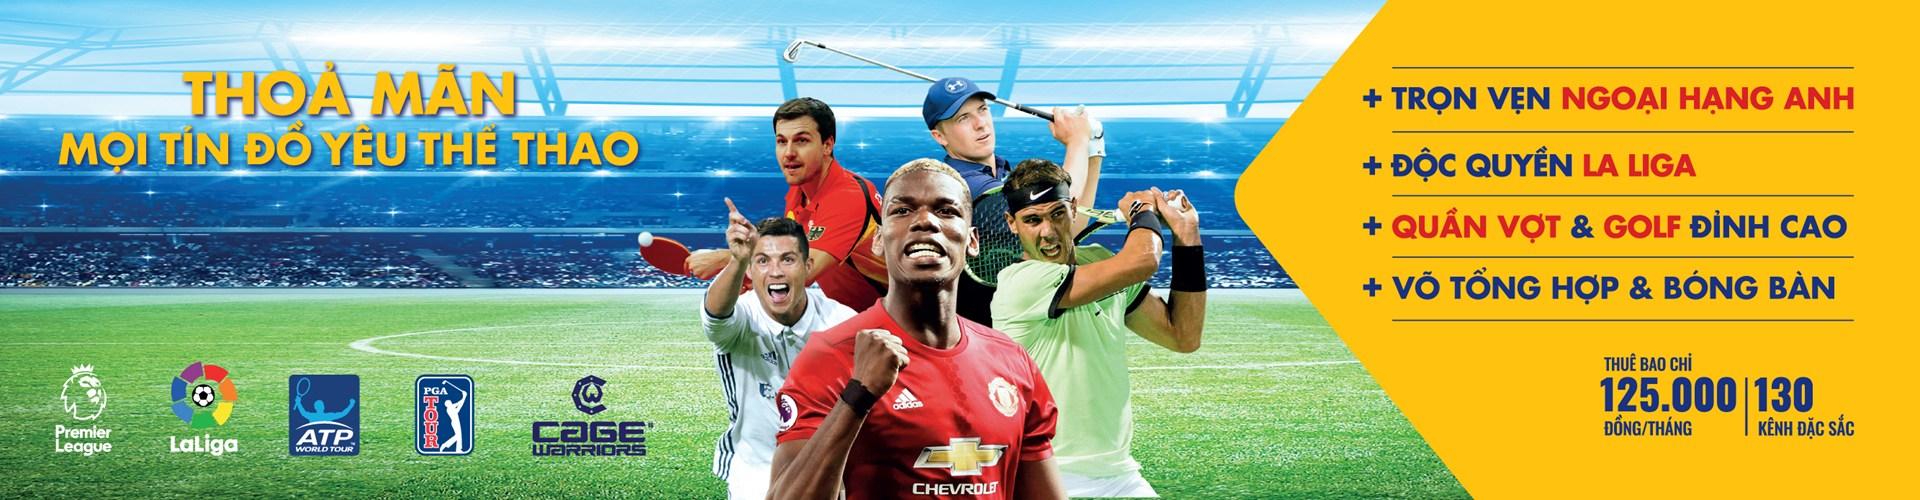 Lắp đặt K+ tháng 10 trọn niềm vui cùng mùa giải bóng đá mới